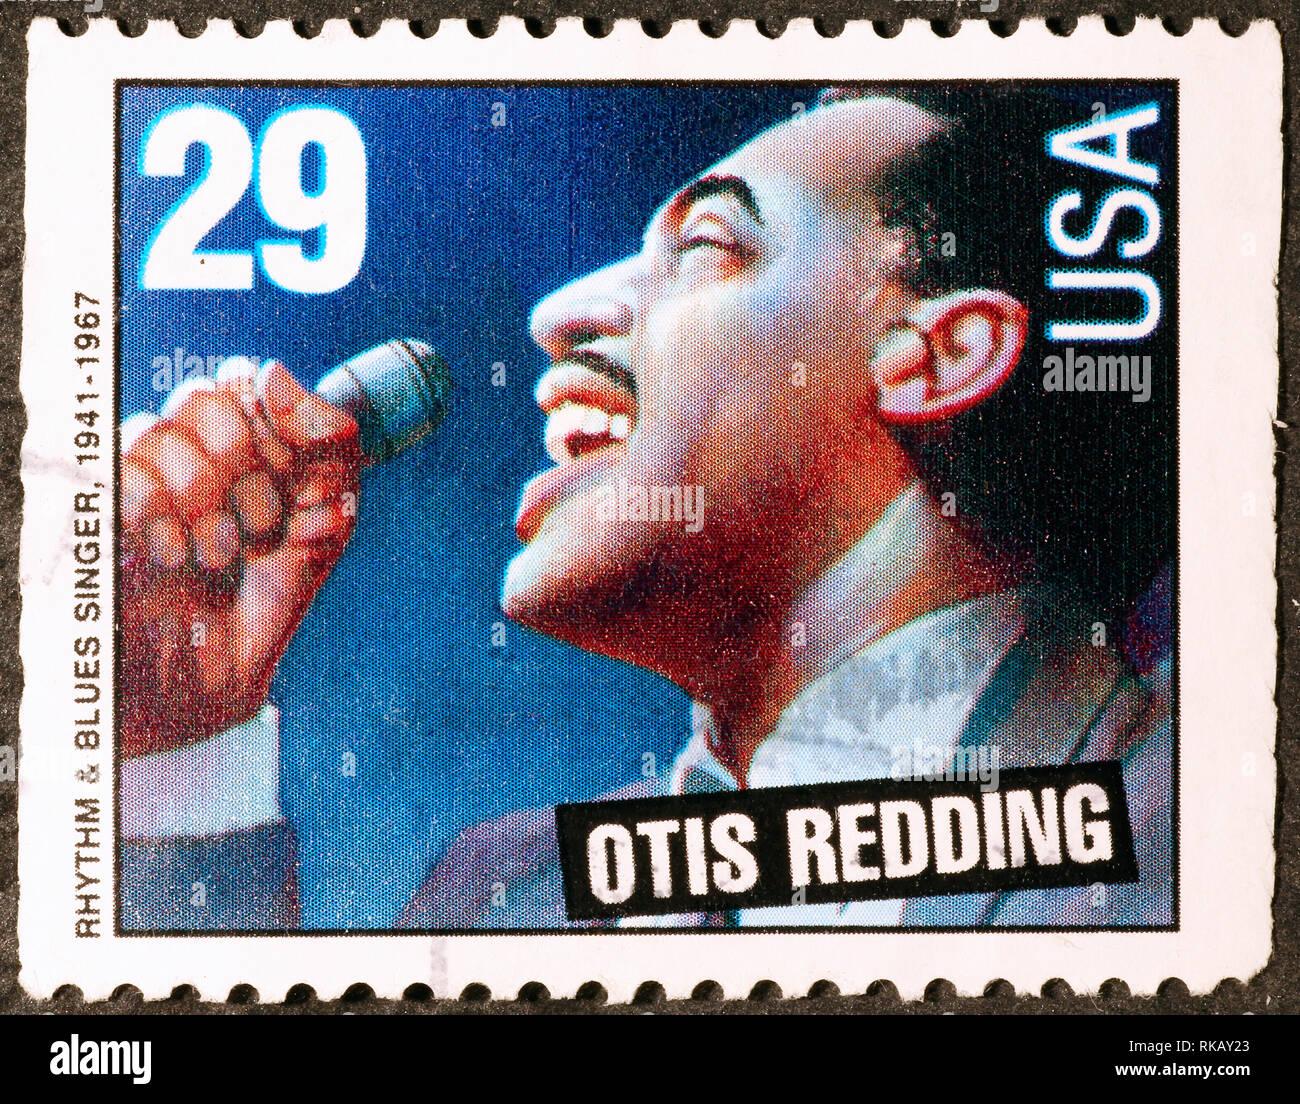 Otis Redding on american postage stamp - Stock Image